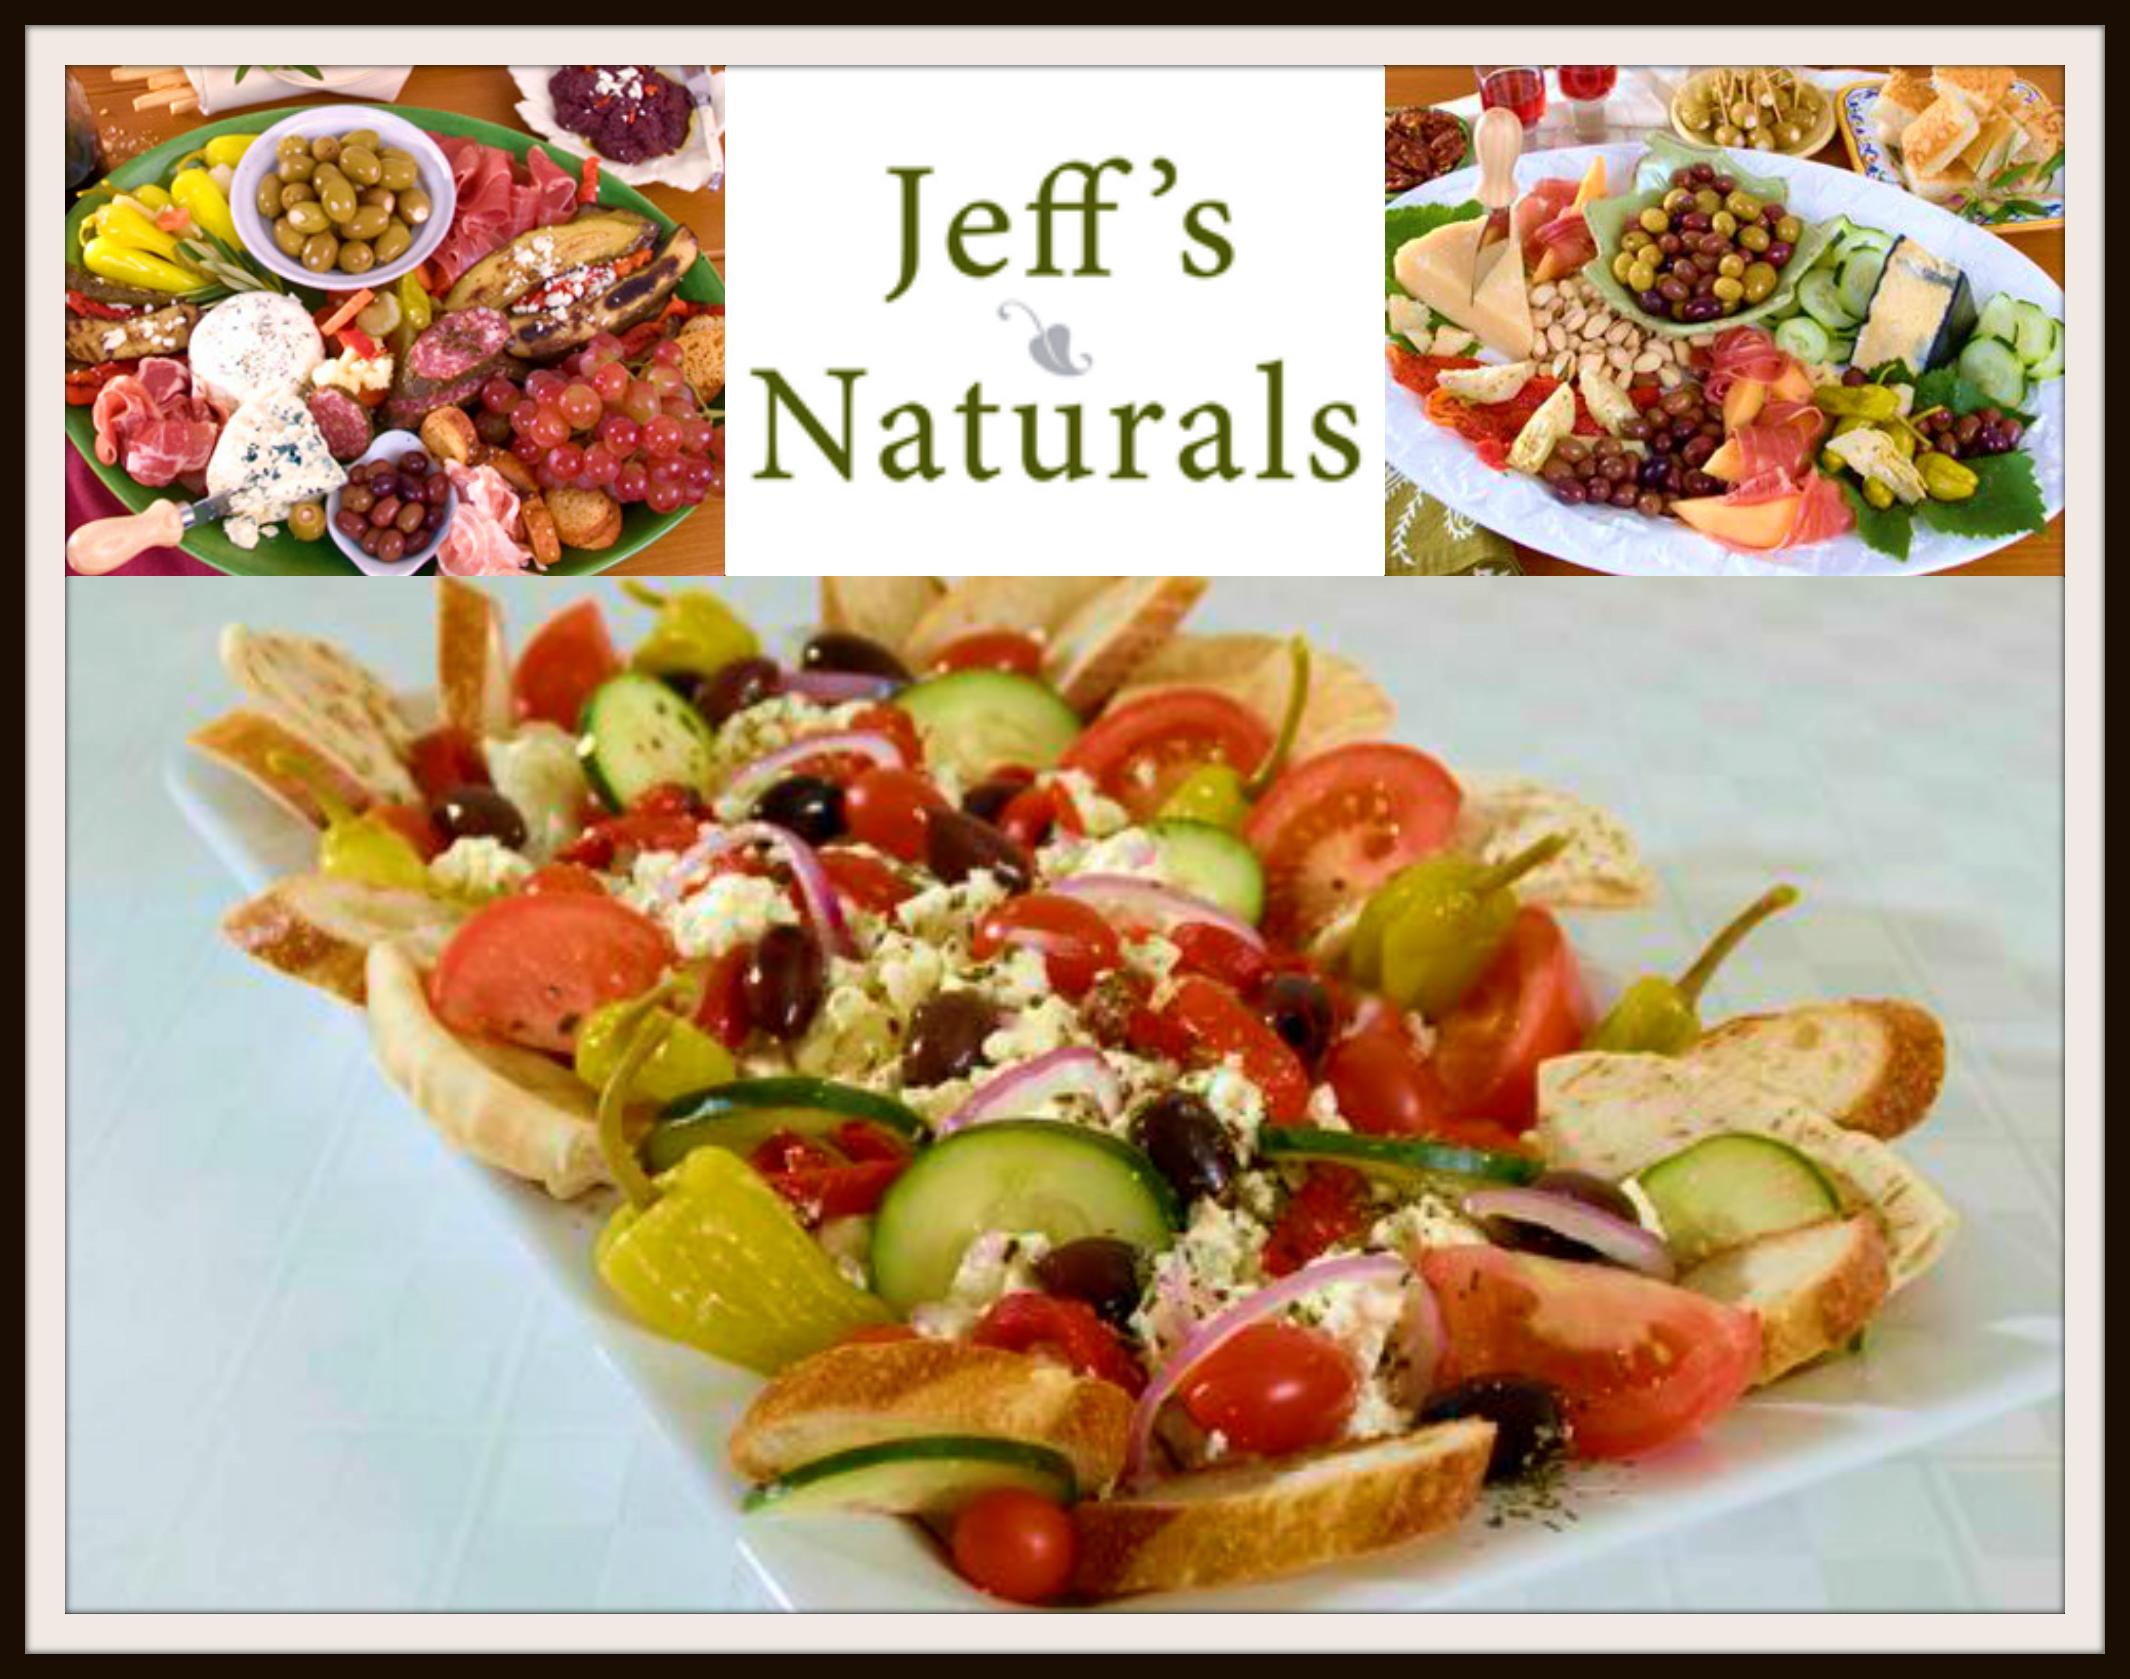 Jeff's Naturals Antipasto Platter